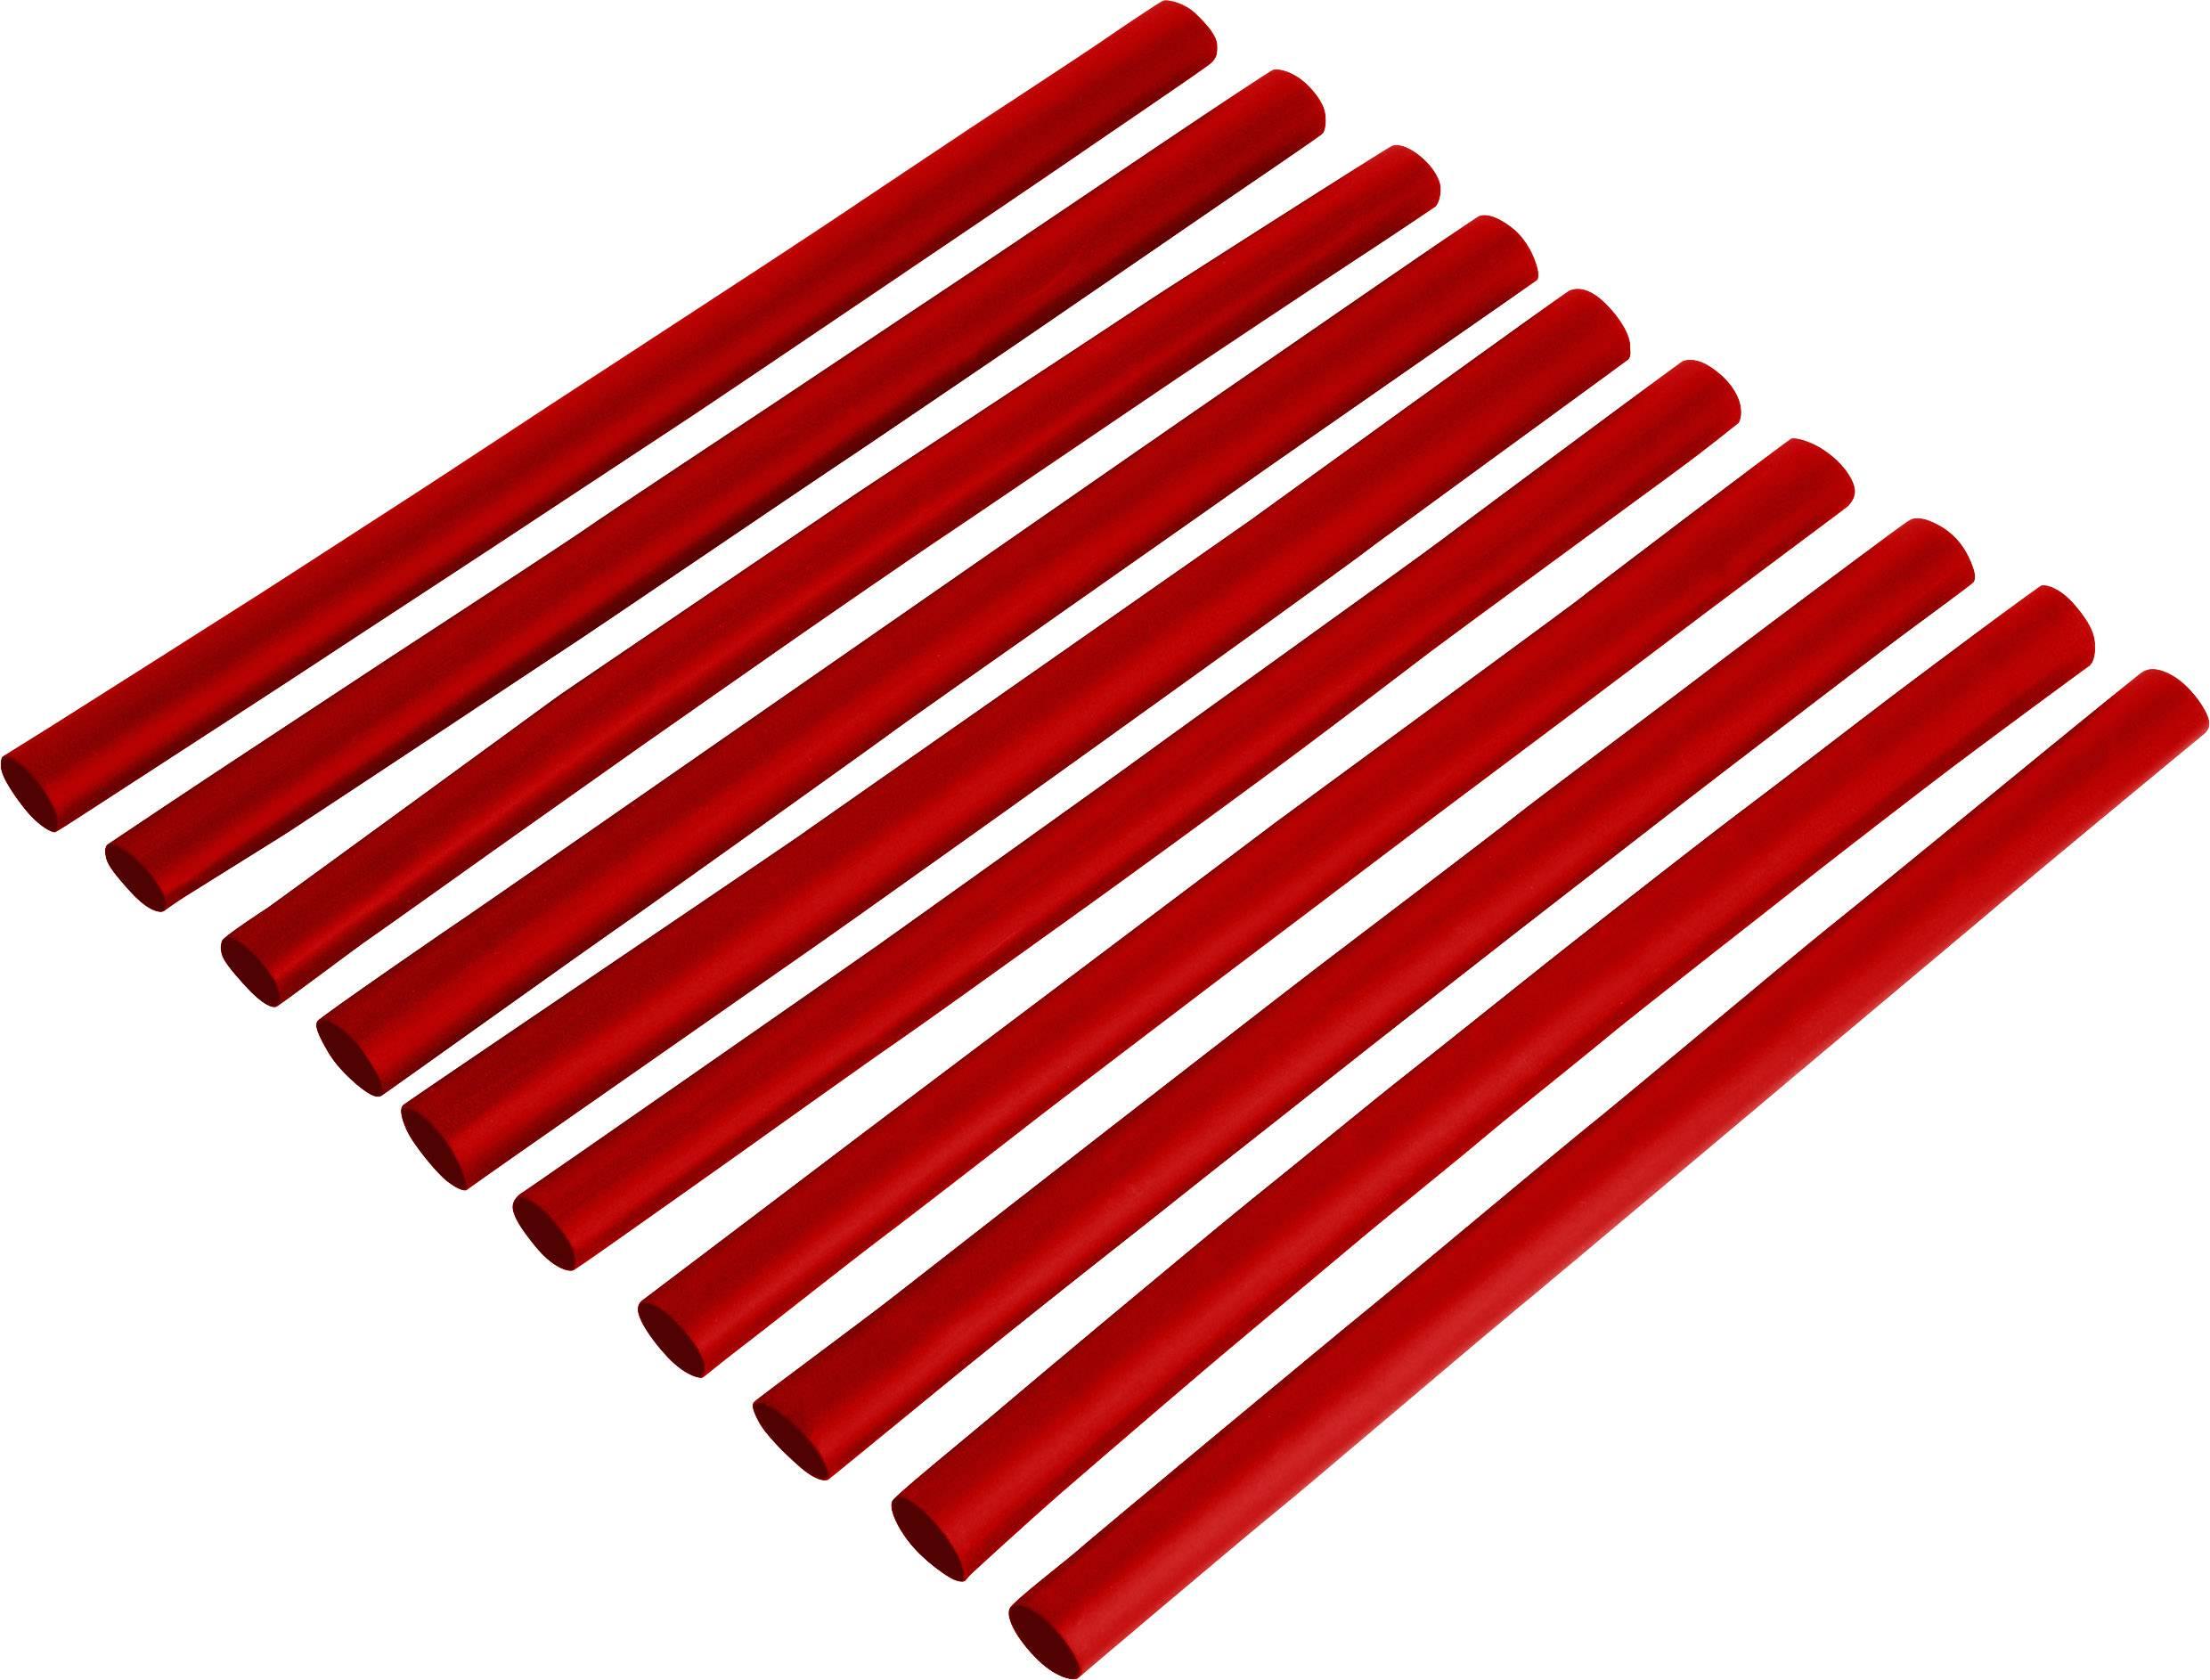 Smršťovací bužírka 1,6/0,8 mm, červená